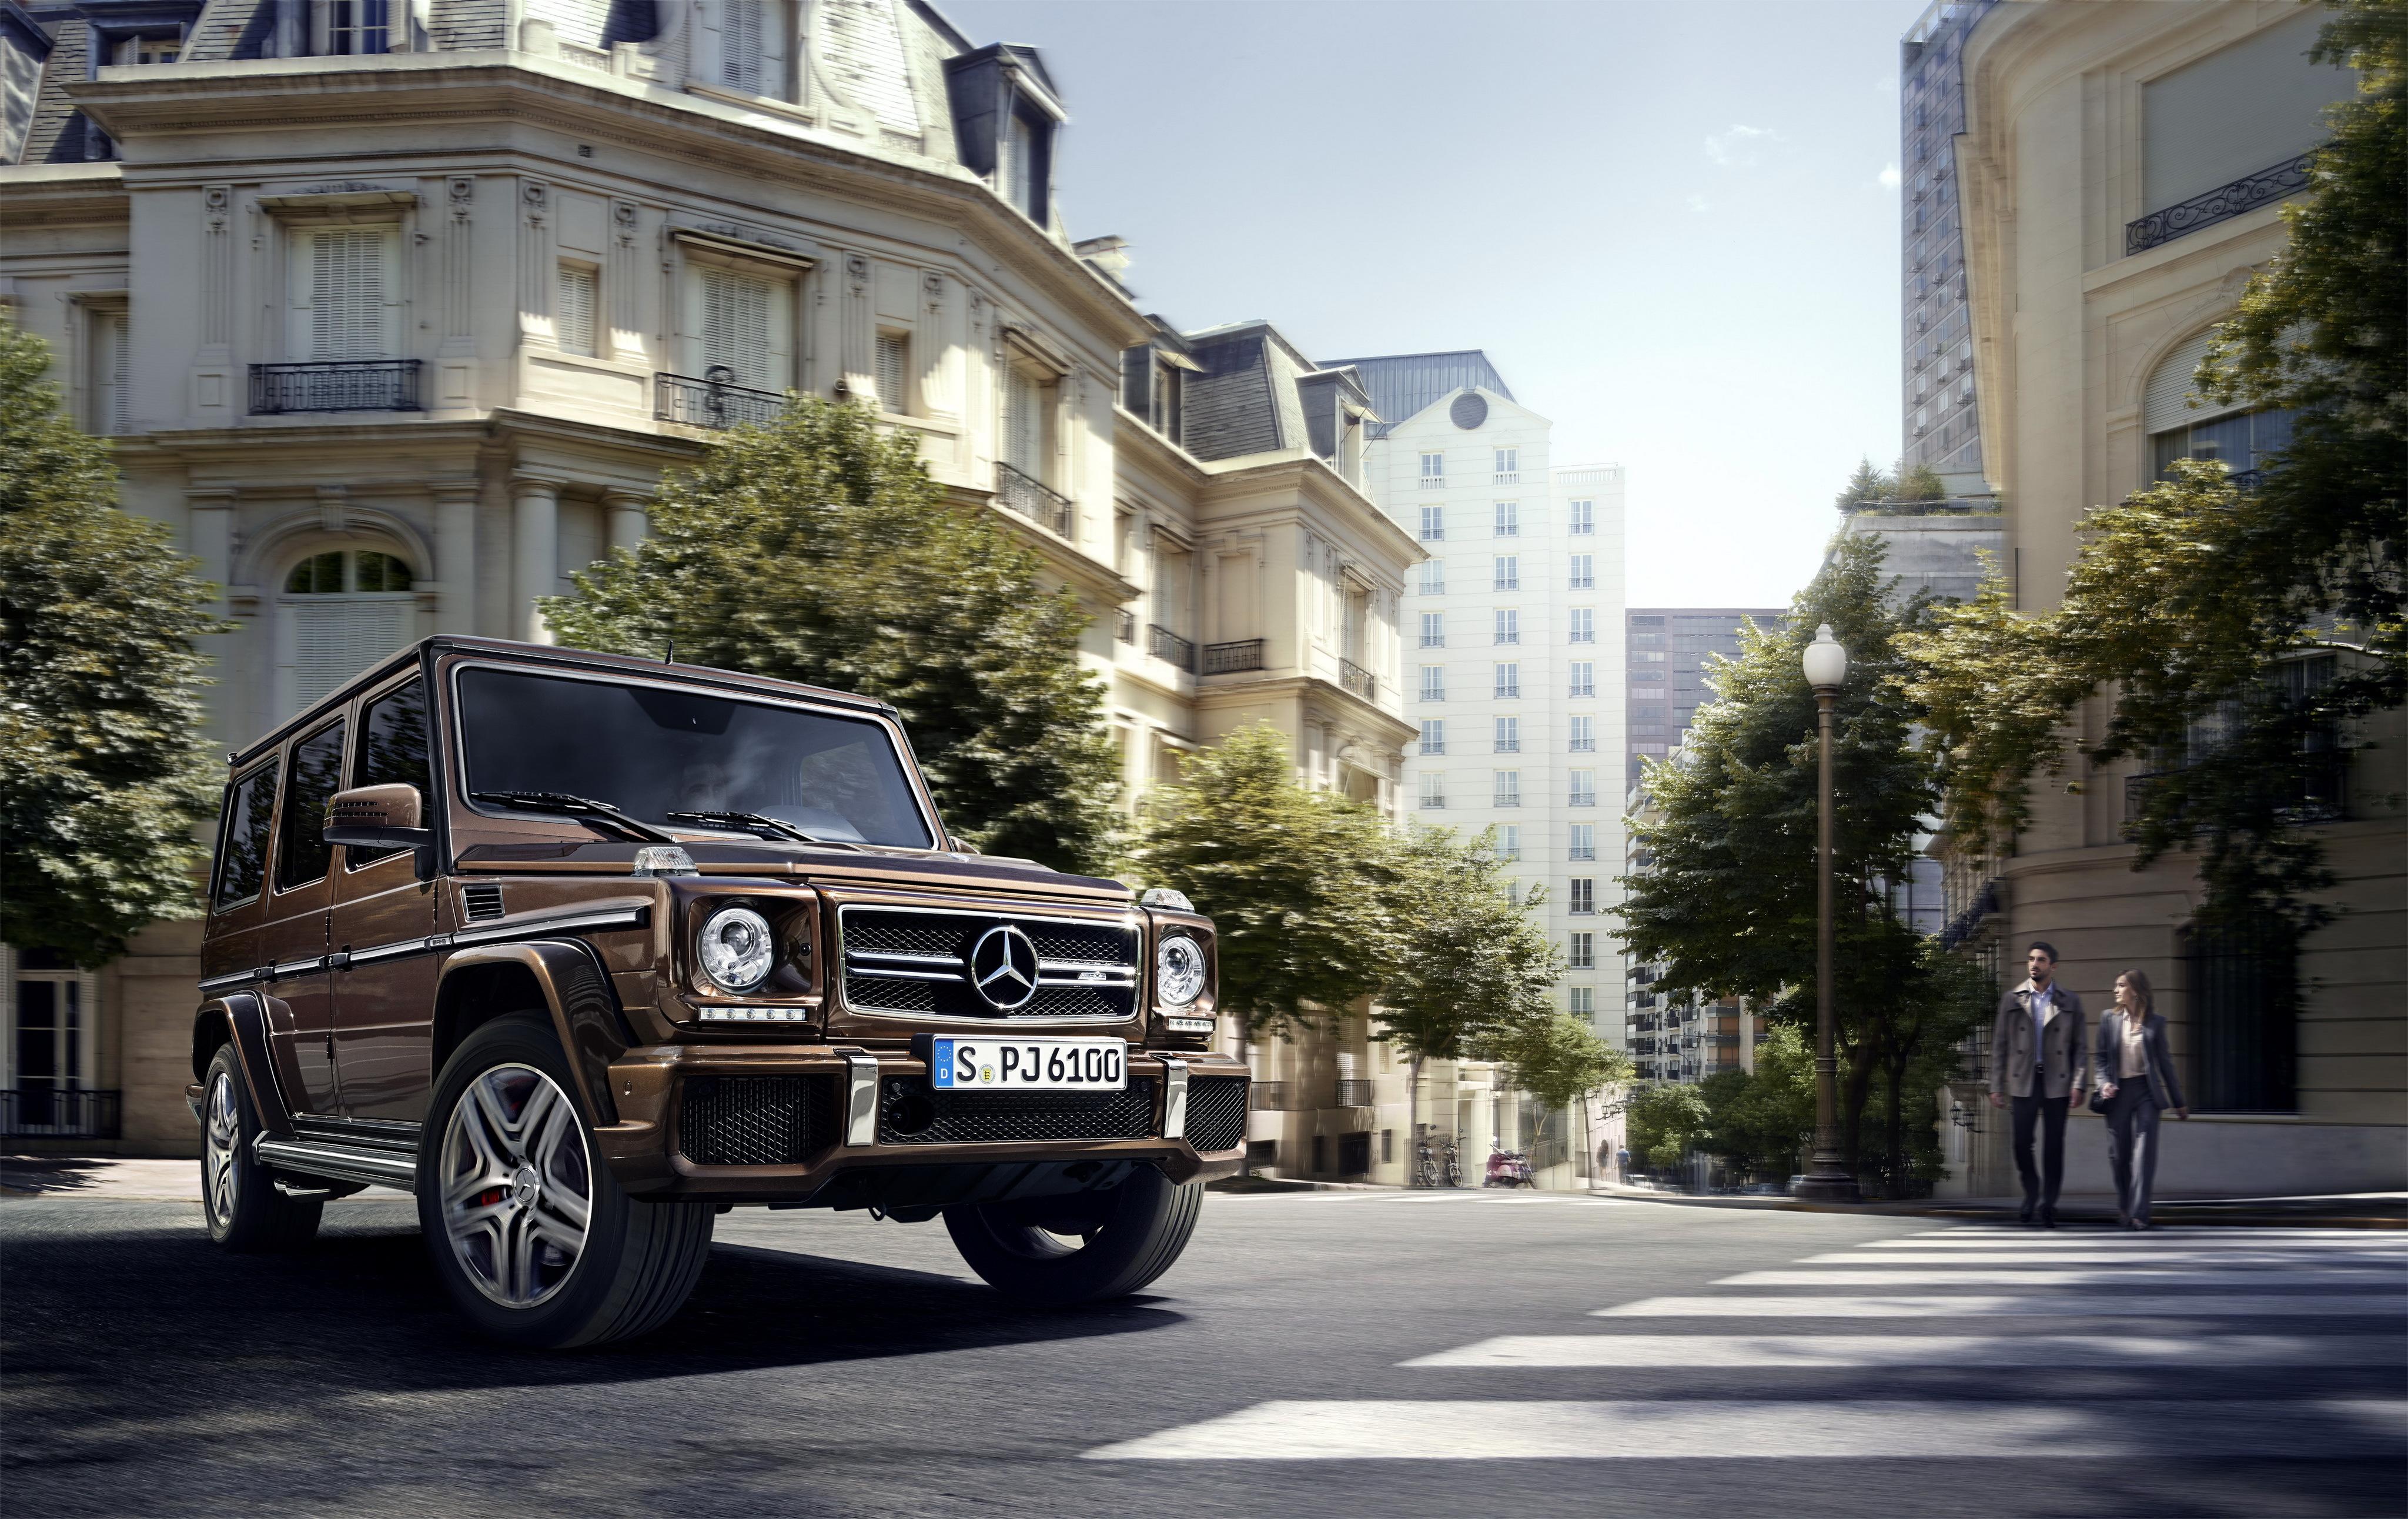 93629 Hintergrundbild herunterladen Mercedes, Cars, Amg, Gelendvagen, Gelendwagen, W463, G63 - Bildschirmschoner und Bilder kostenlos